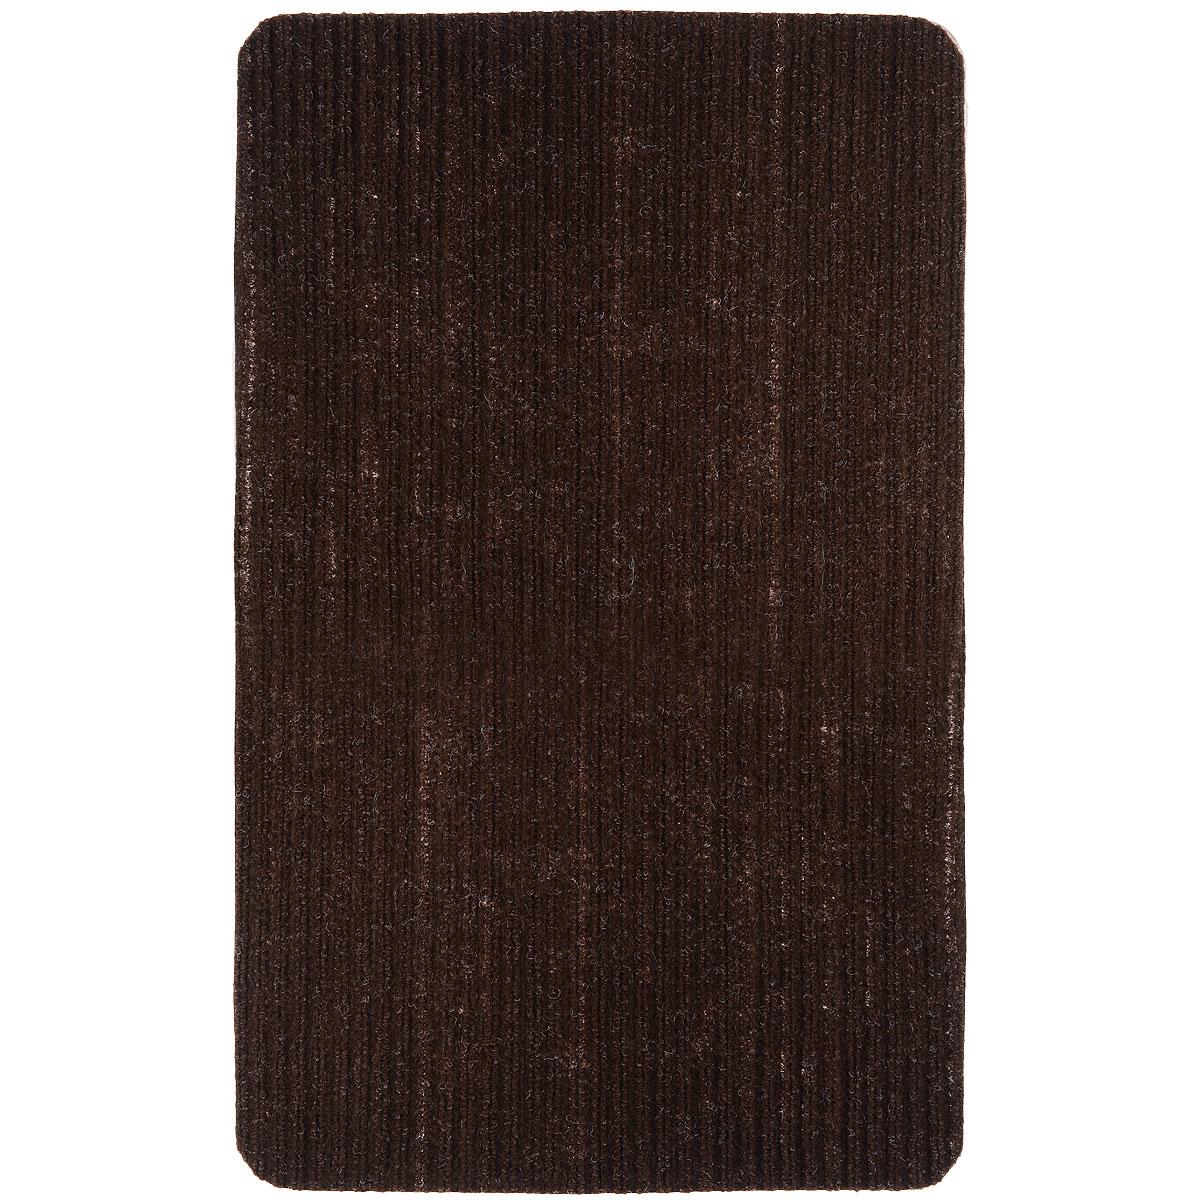 Коврик придверный Vortex Simple, цвет: темно-коричневый, 50 х 80 см54 009305Придверный коврик Vortex Simple выполнен из полимера. Он прост в обслуживании, прочный и устойчивый к различным погодным условиям. Такой коврик надежно защитит помещение от уличной пыли и грязи.